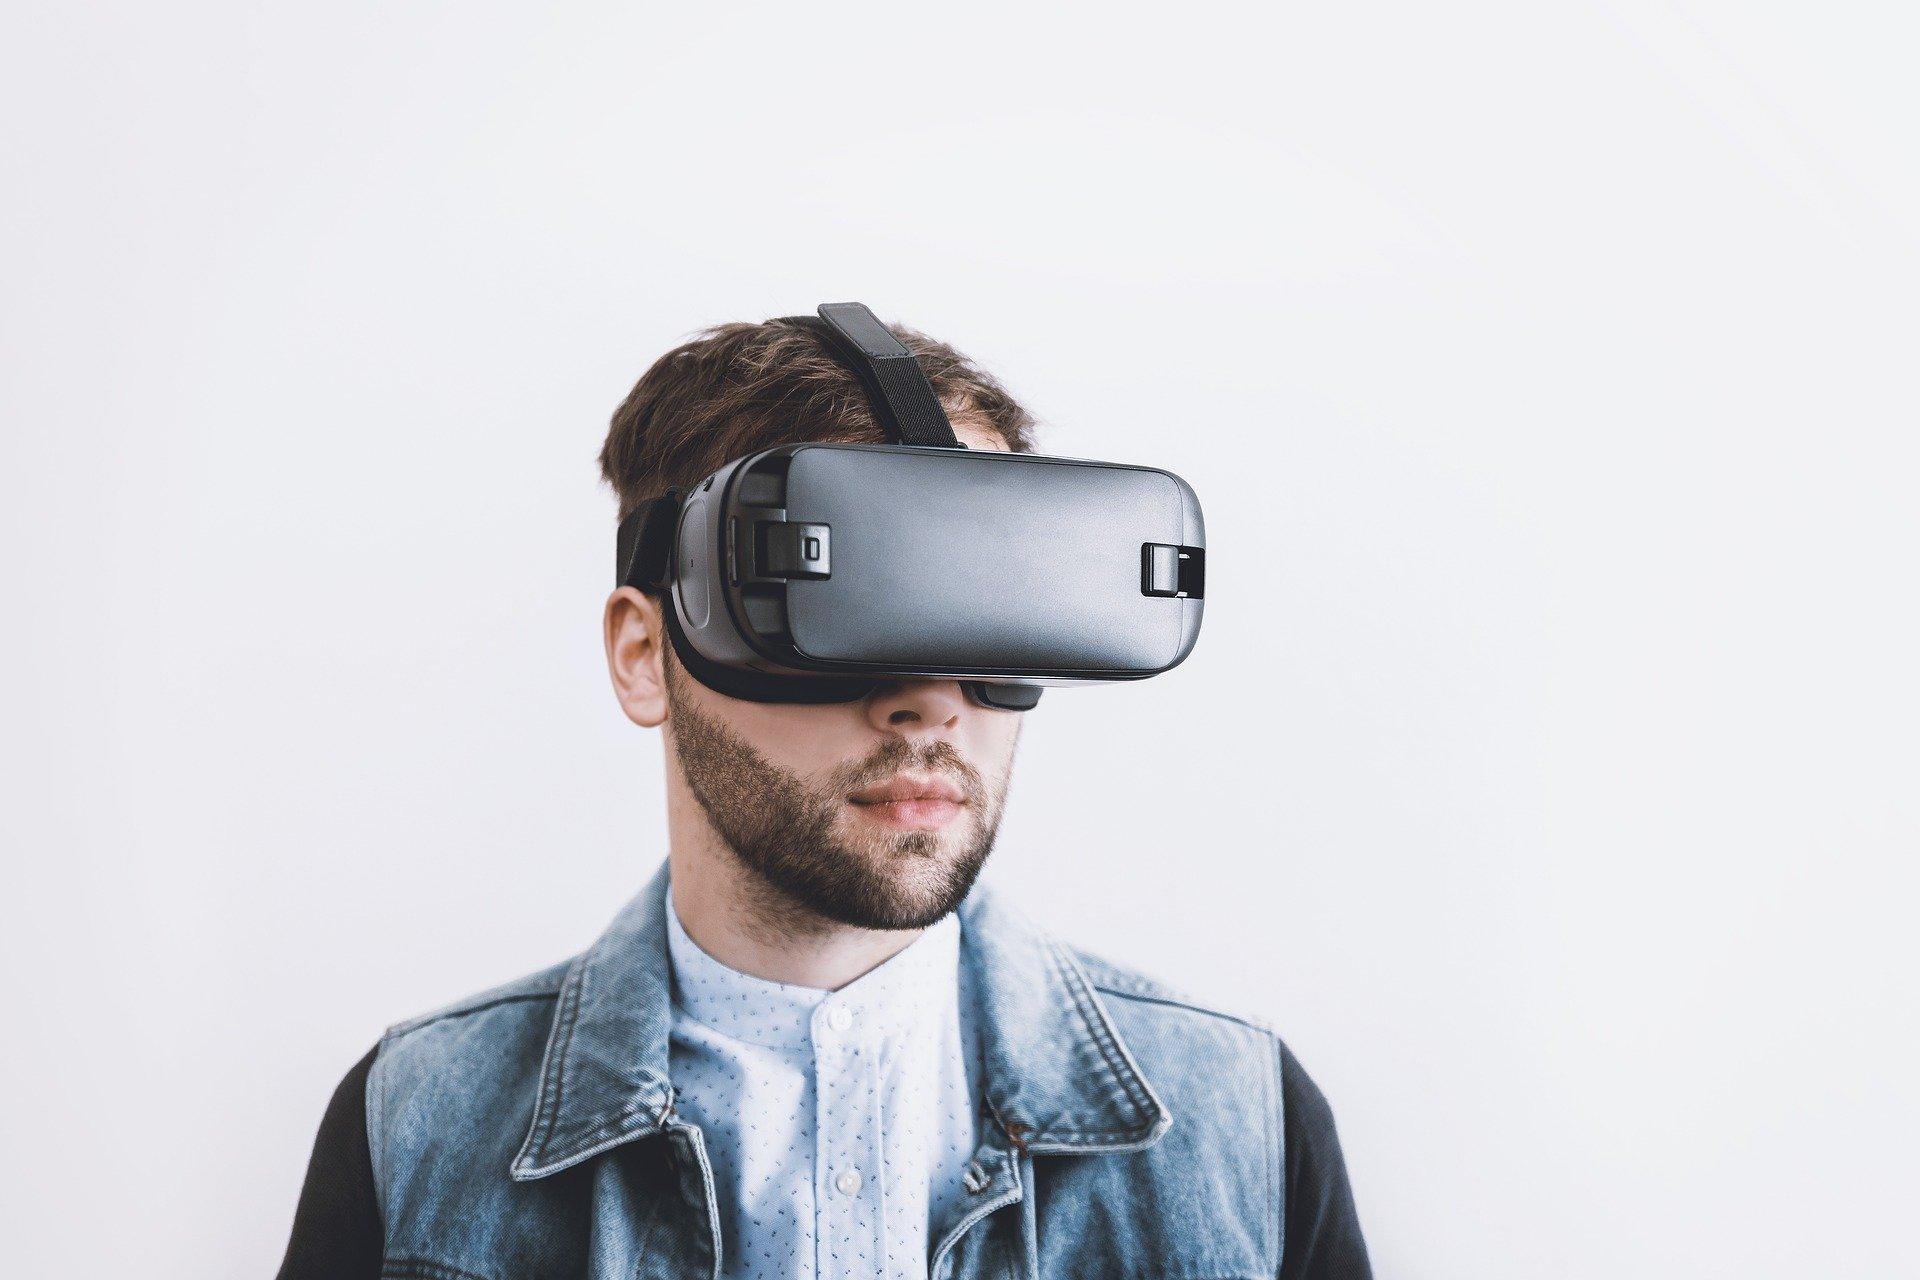 VR-Brillen versetzen den Nutzer beispielsweise in eine Vortragssituation, wo er unter realistischen Bedingungen seine Präsentationsqualitäten verbessern kann.